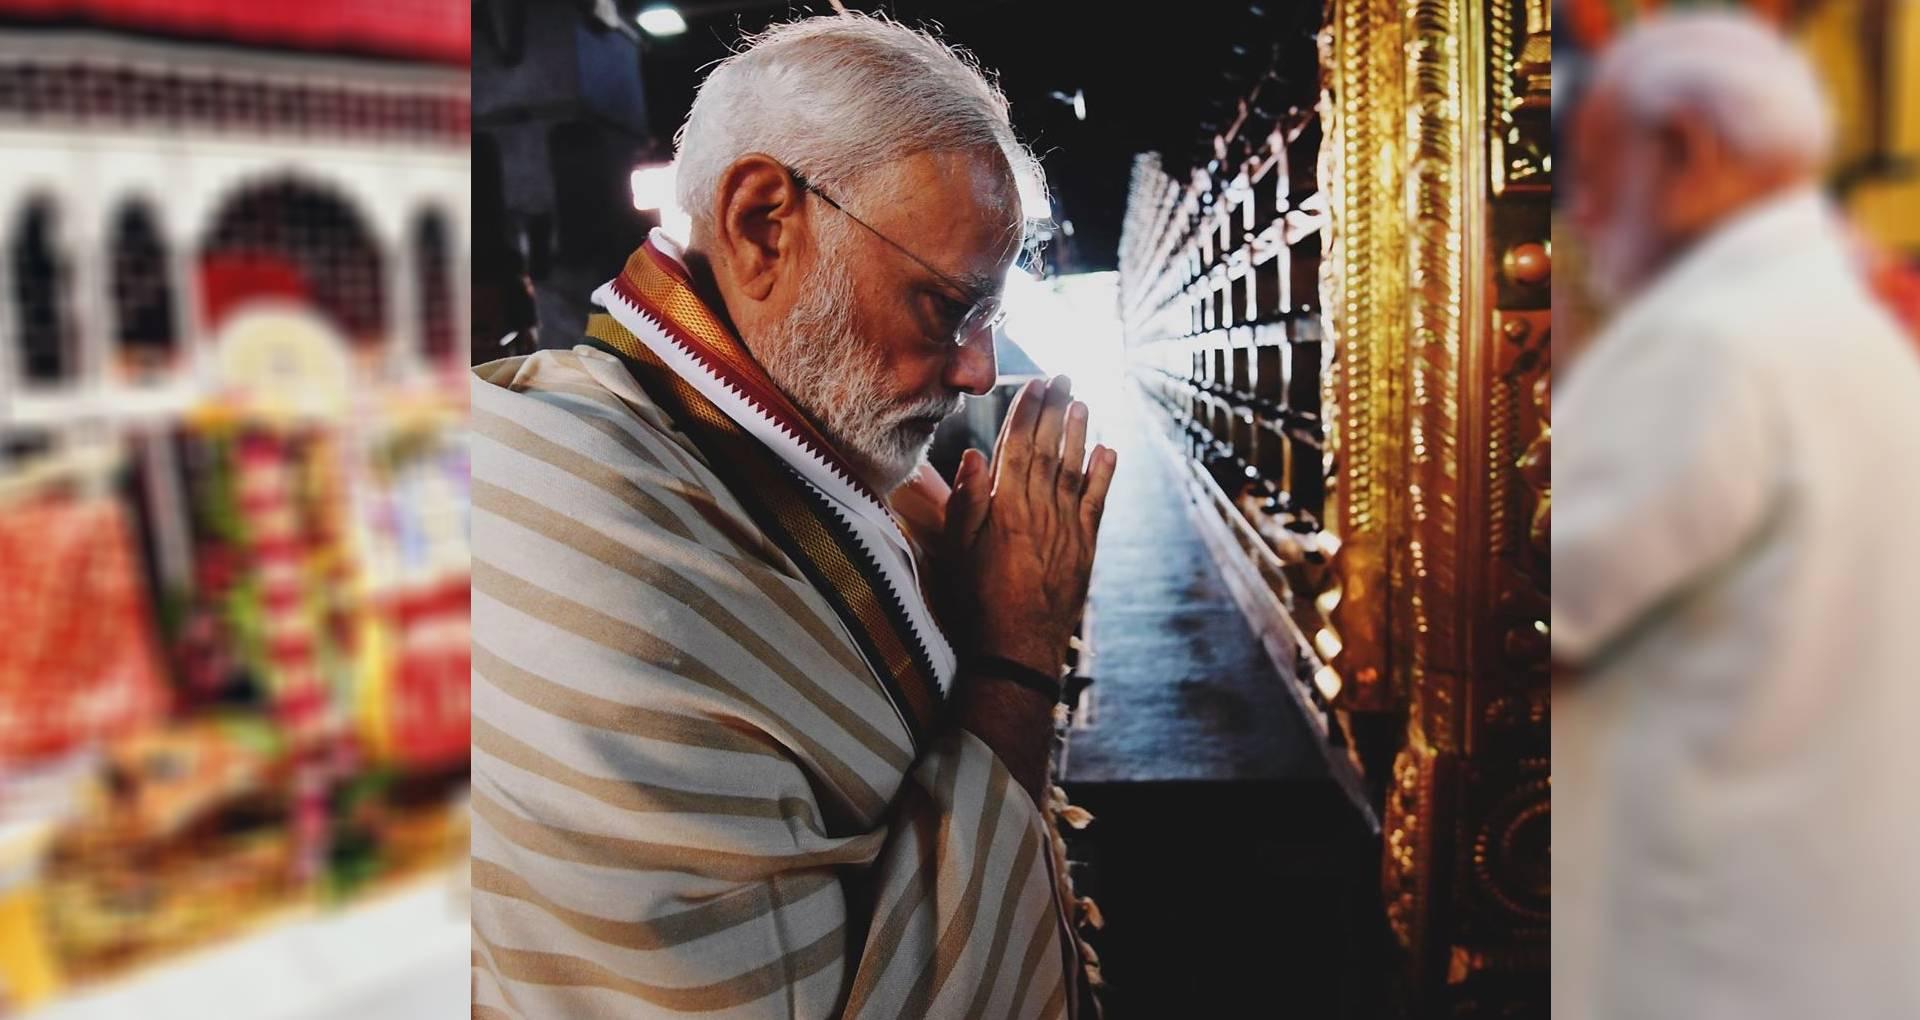 Navratri 2019: नवरात्रि में काम आएगी पीएम नरेंद्र मोदी की ये व्रत टिप्स, उपवास में भी रहेगी शरीर में एनर्जी